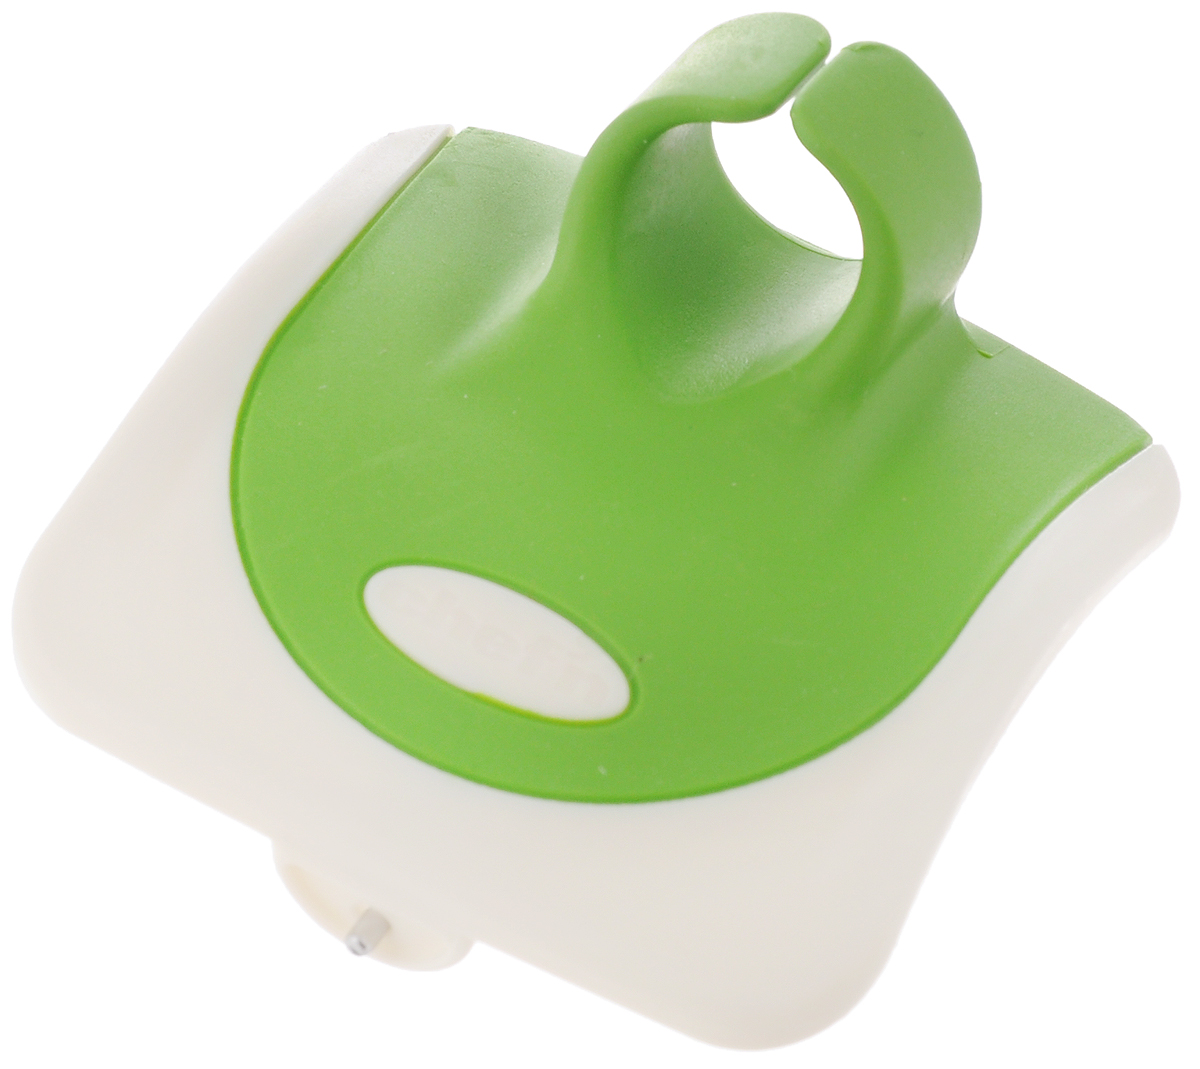 Овощечистка Chefn, цвет: зеленый, белый54 009312Овощечистка Chefn выполнена из пластика, стали и силикона. Изделие очень удобно. Овощечистка помещается в руку и одевается на палец. Удобная овощечистка Chefn поможет вам очень быстро и без особого усилия почистить овощи.Можно мыть в посудомоечной машине.Общая длина овощечистки: 7 см.